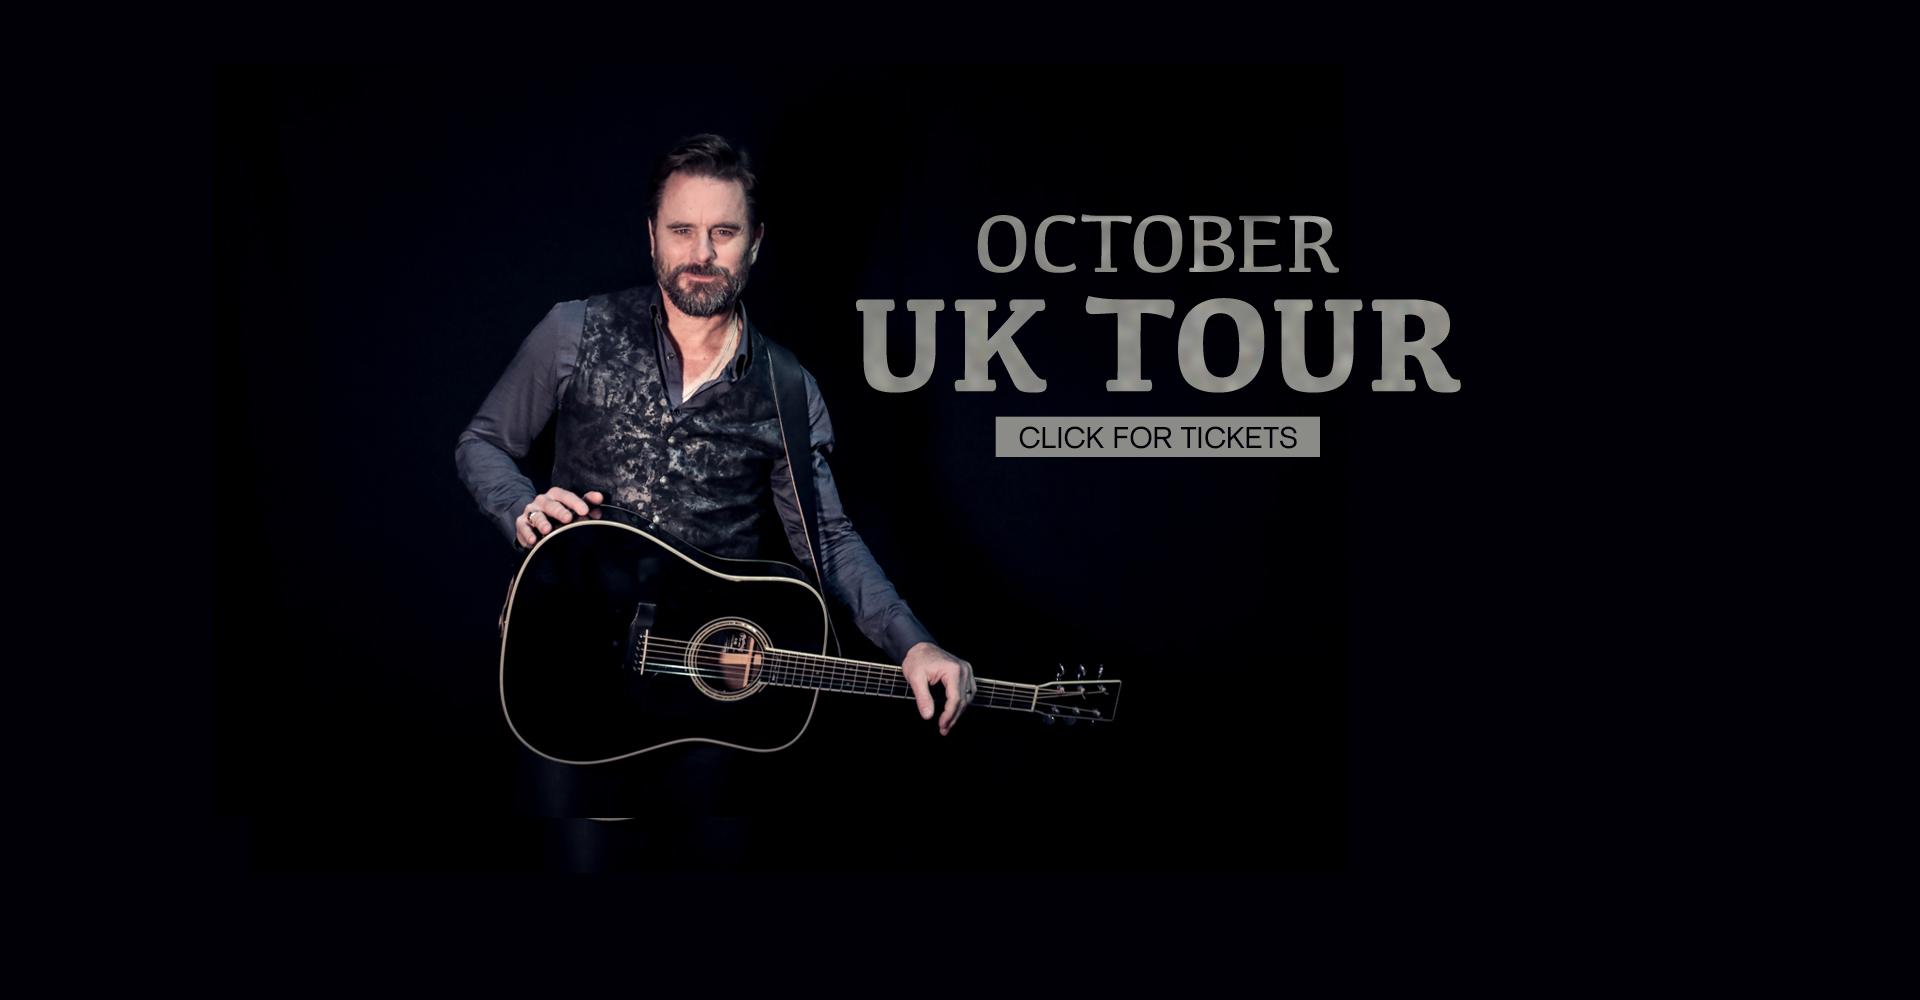 UKtour_v4.jpg